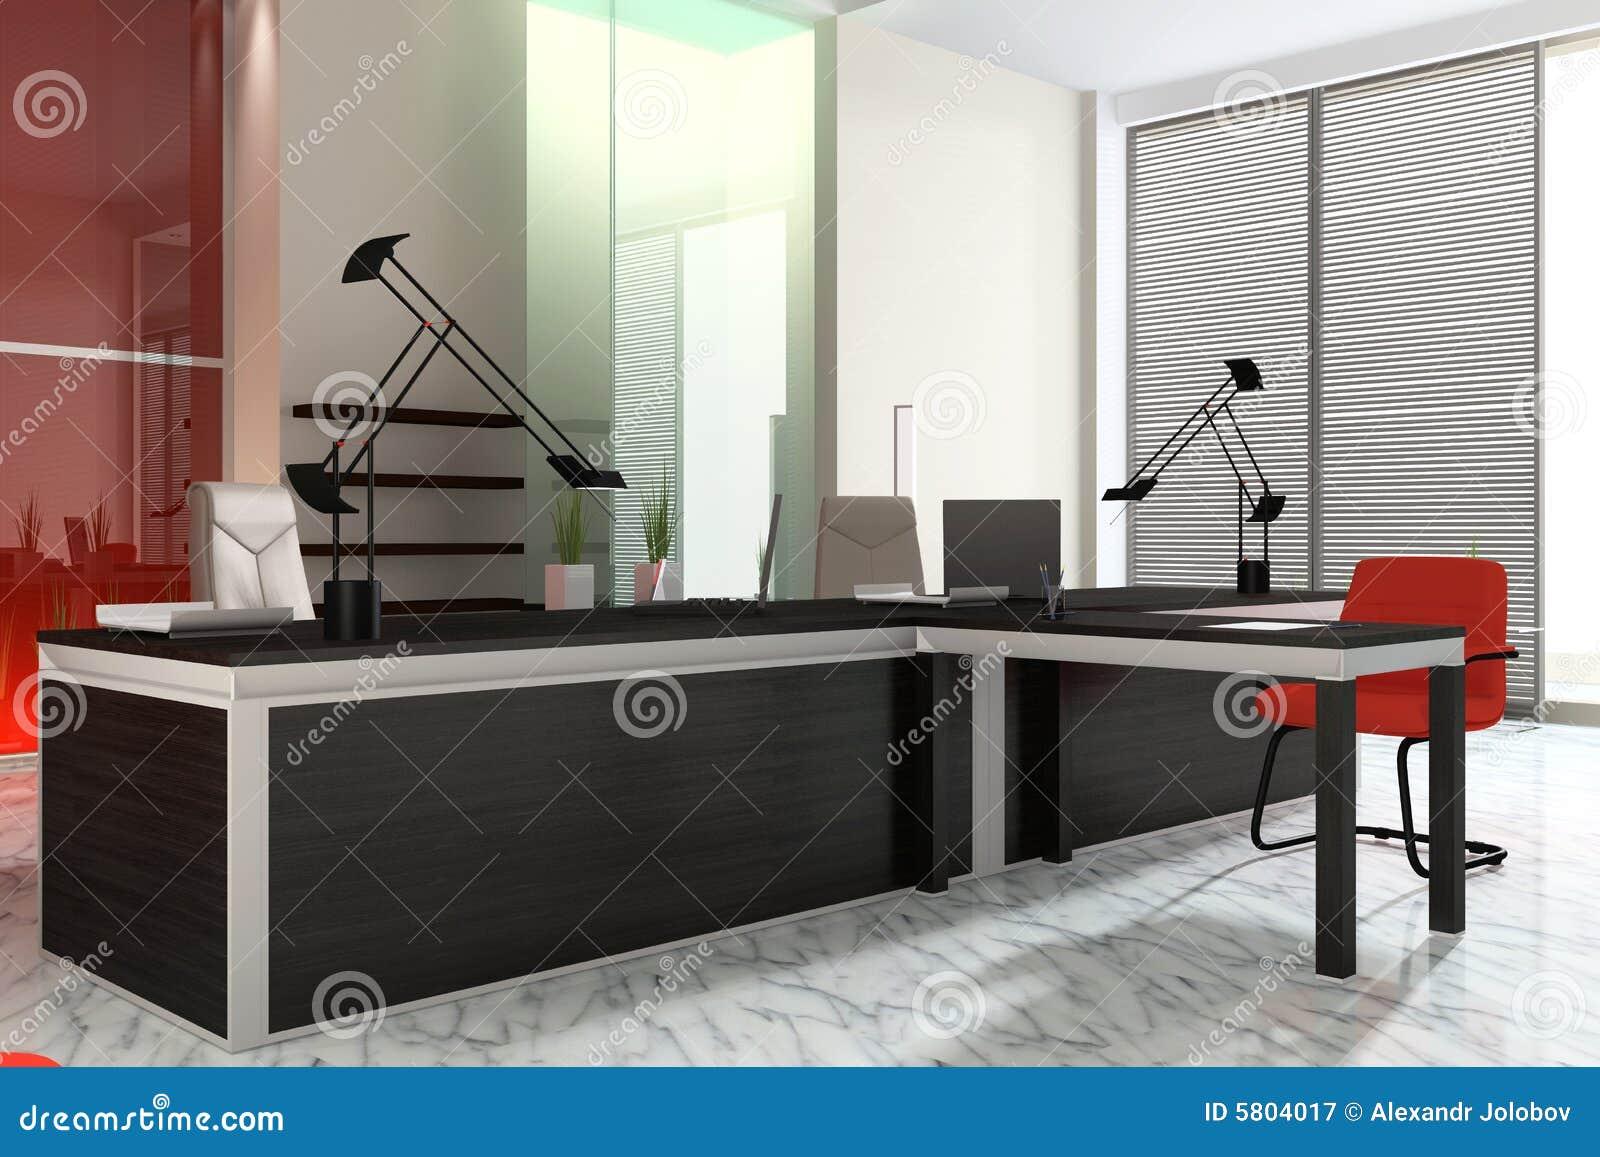 Interior de oficinas modernas design classic interior for Interior oficinas modernas